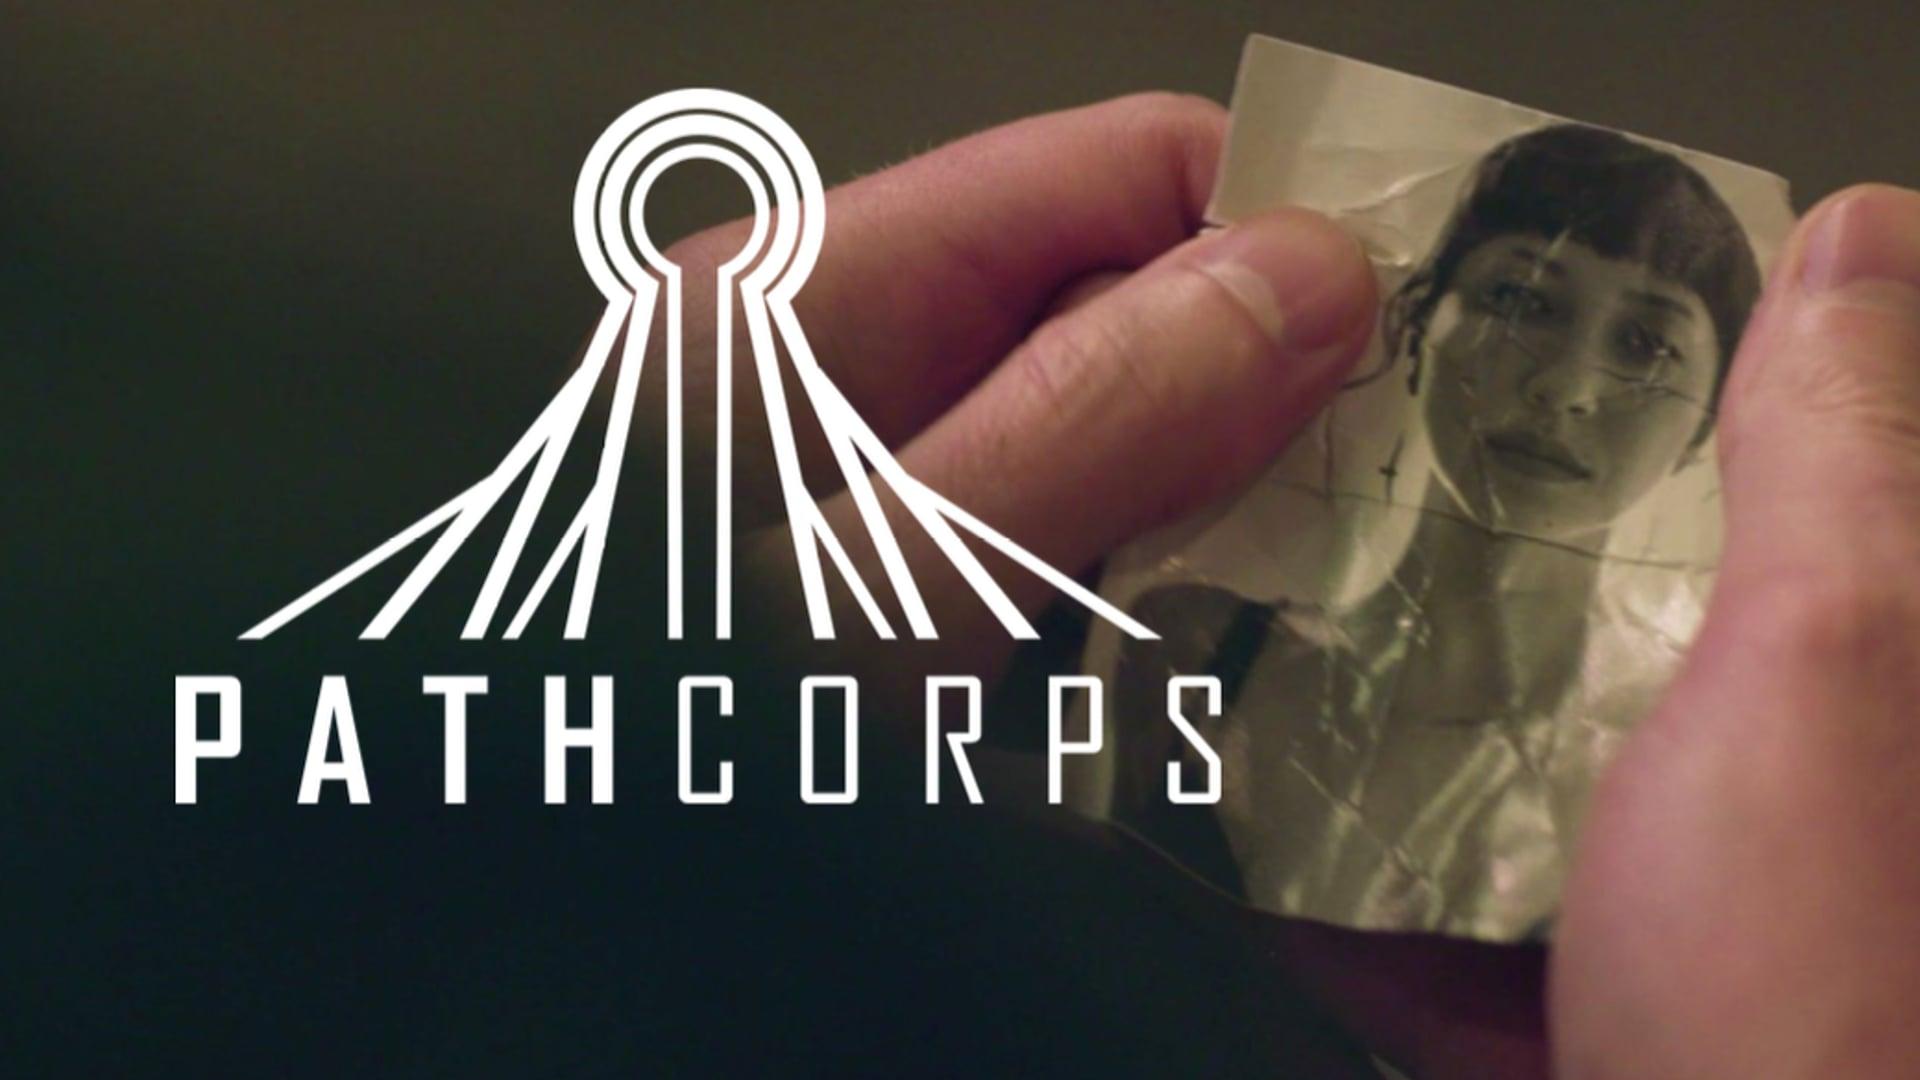 PathCorps Teaser